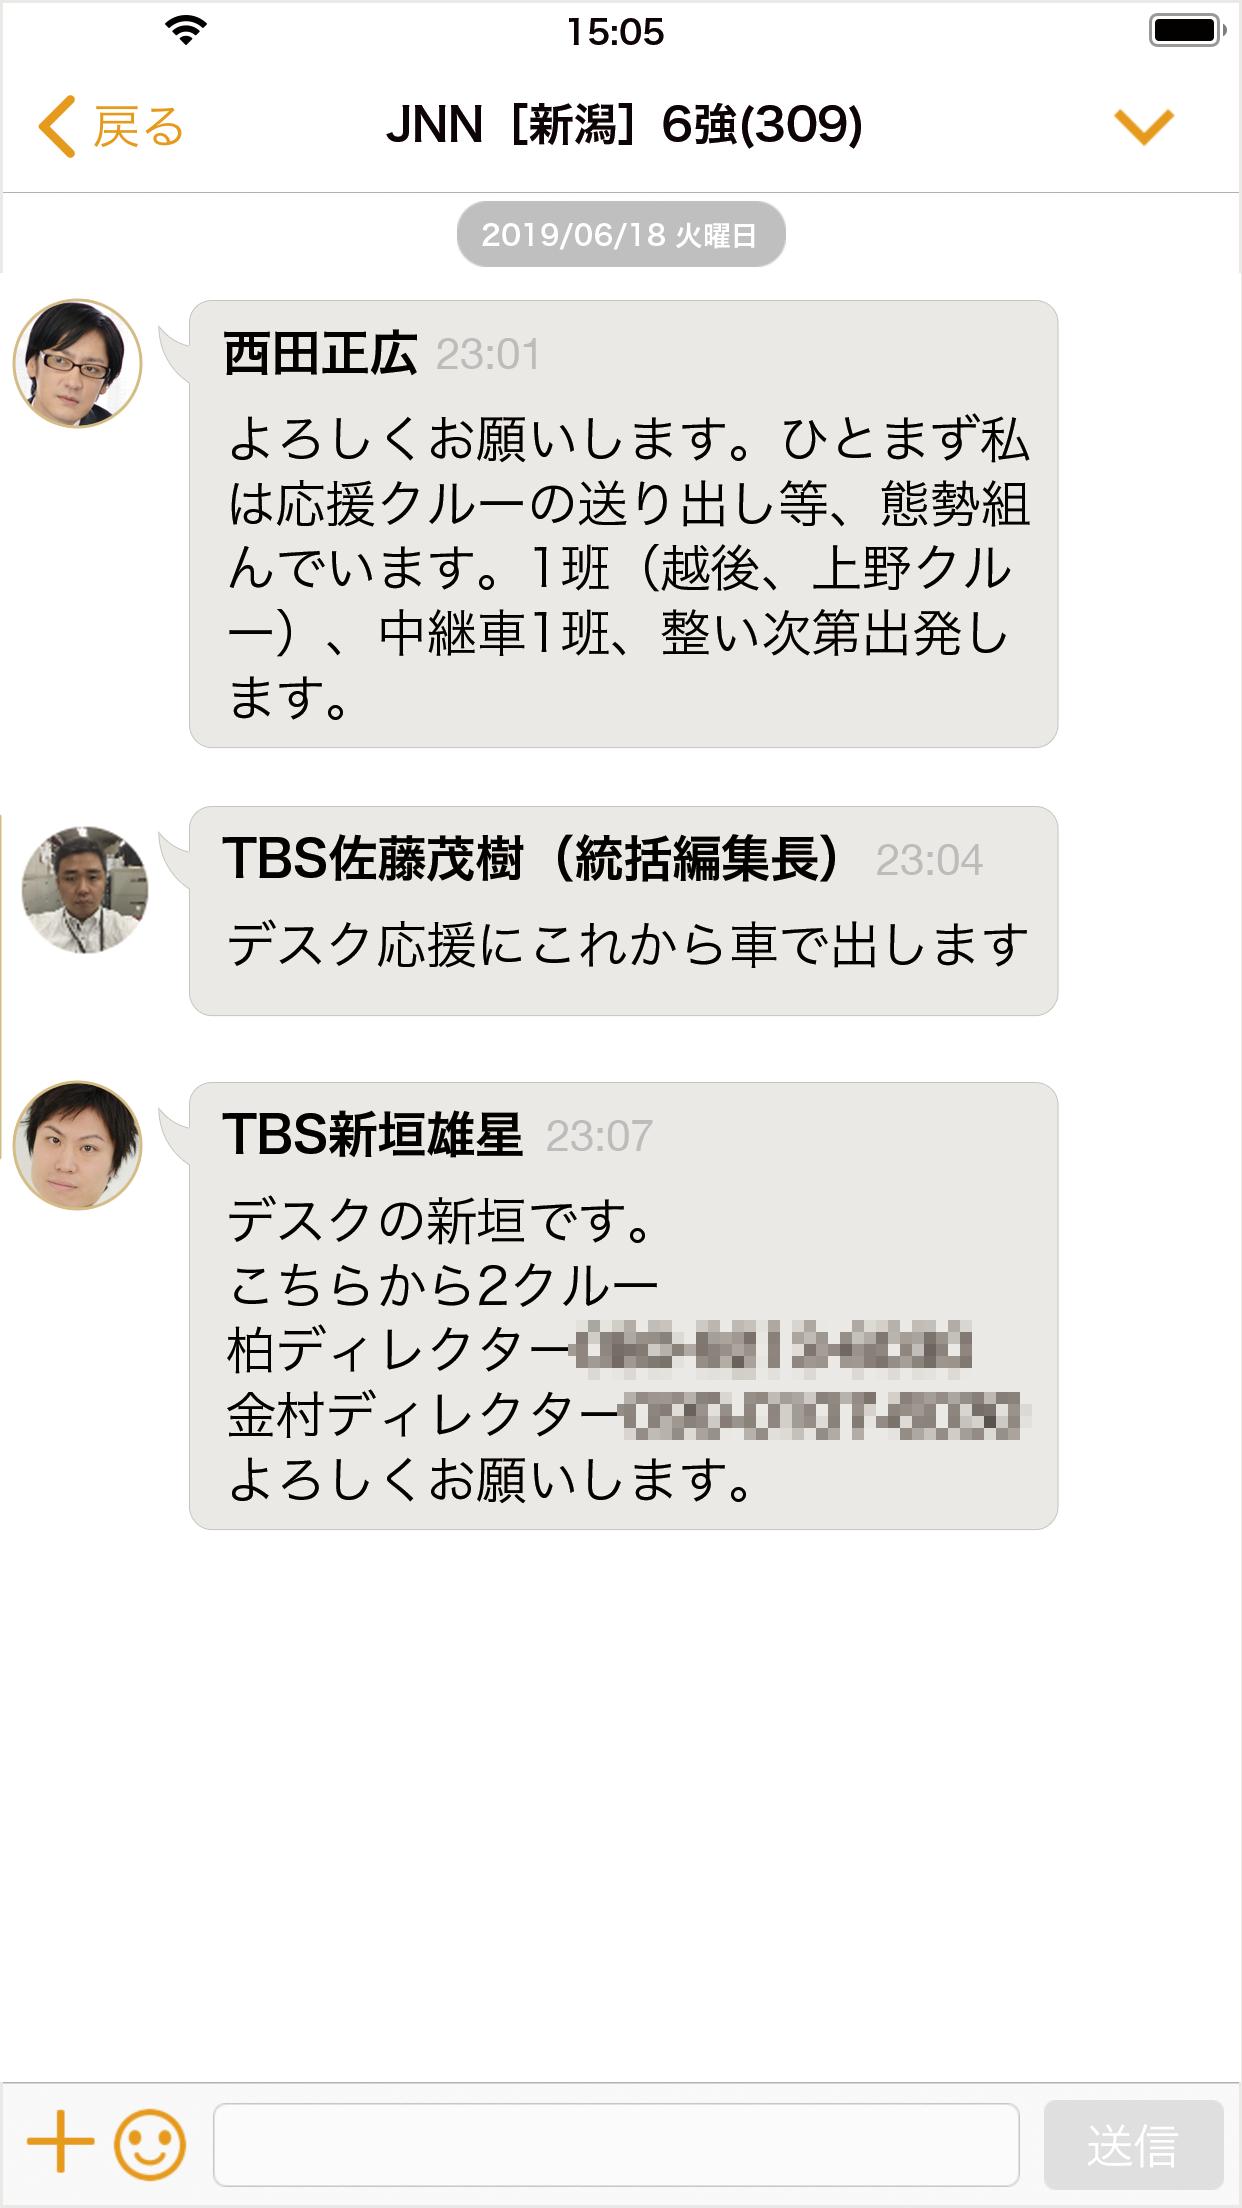 株式会社TBSテレビ スマホ画面